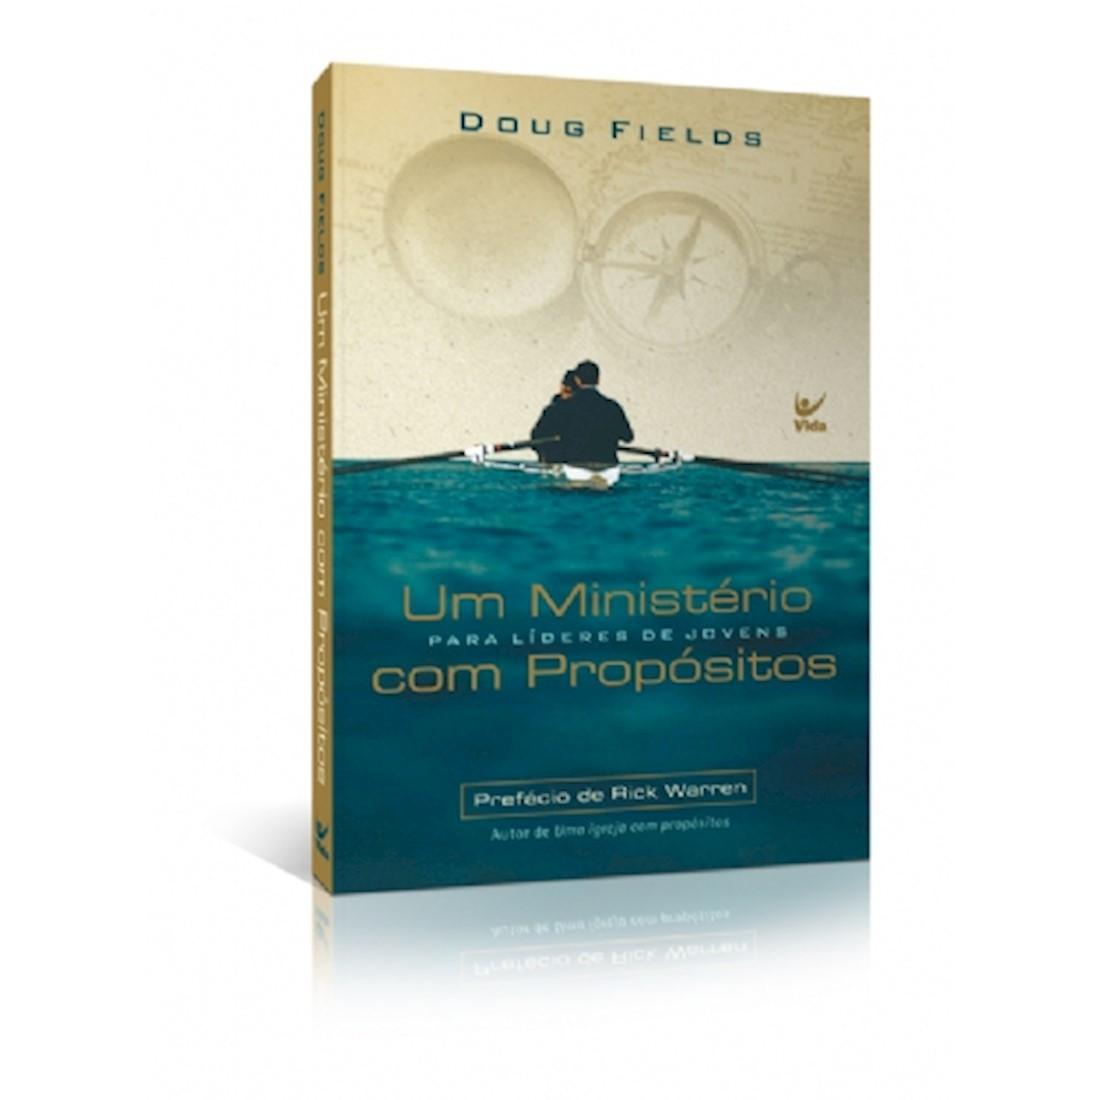 Livro Um Ministério com Propósitos